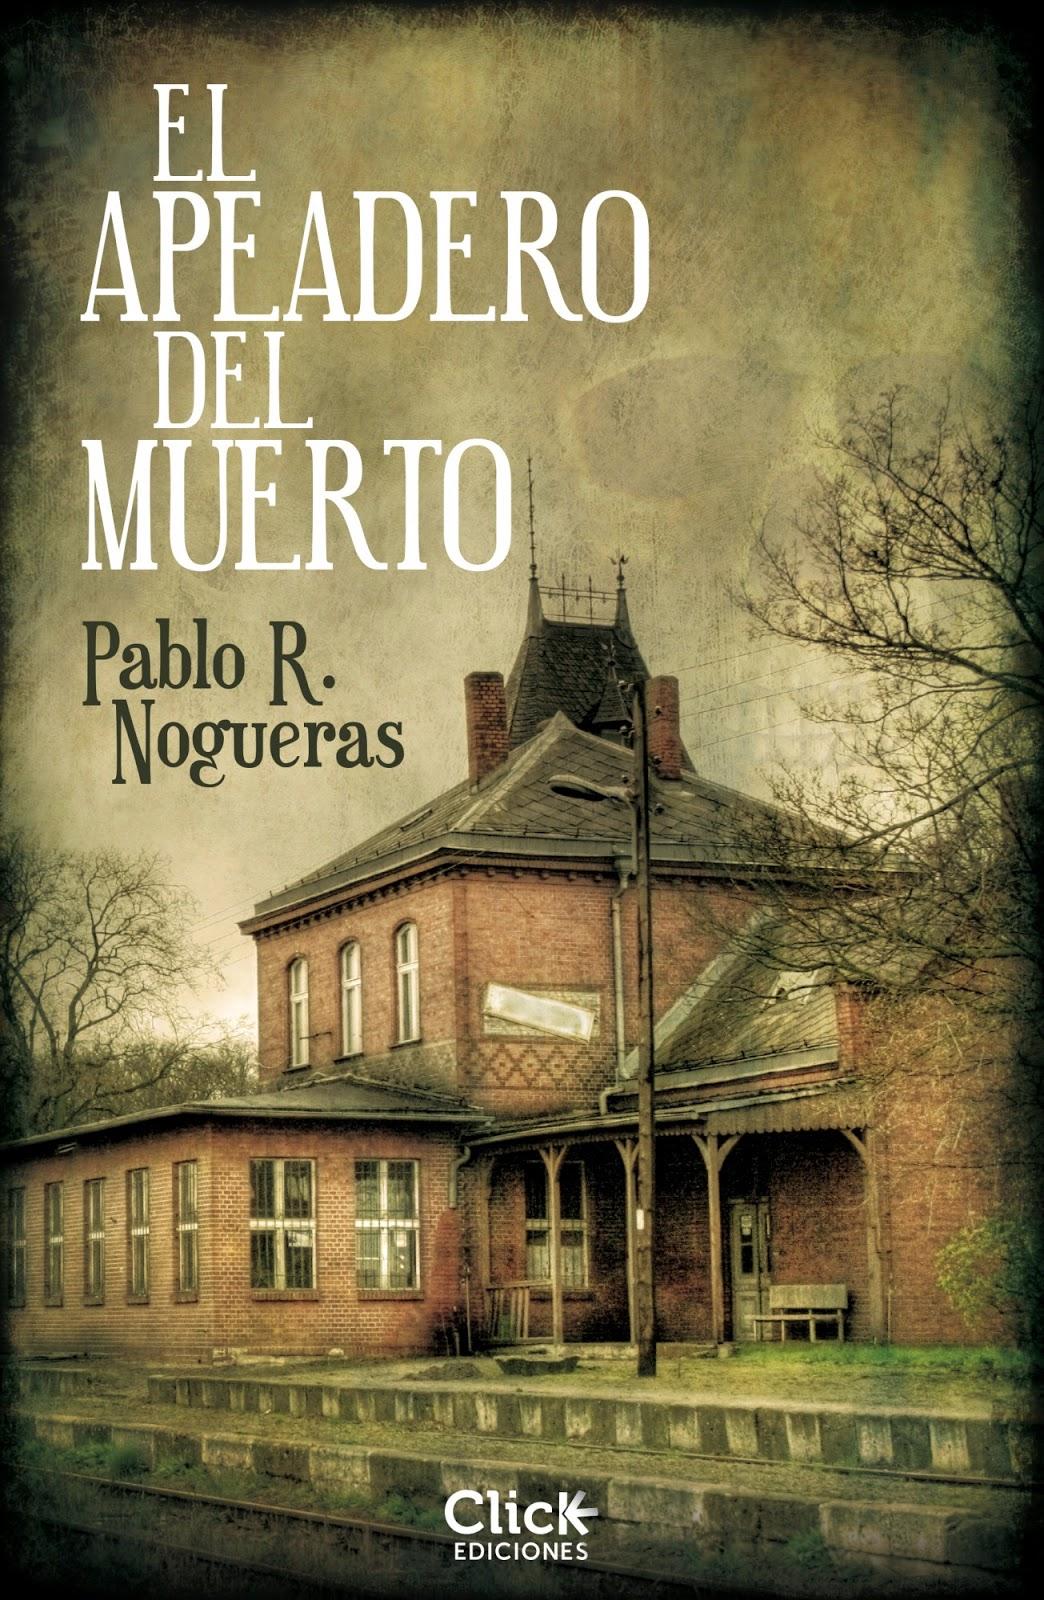 https://labibliotecadebella.blogspot.com/2018/07/el-apeadero-del-muerto-pablo-r-nogueras.html